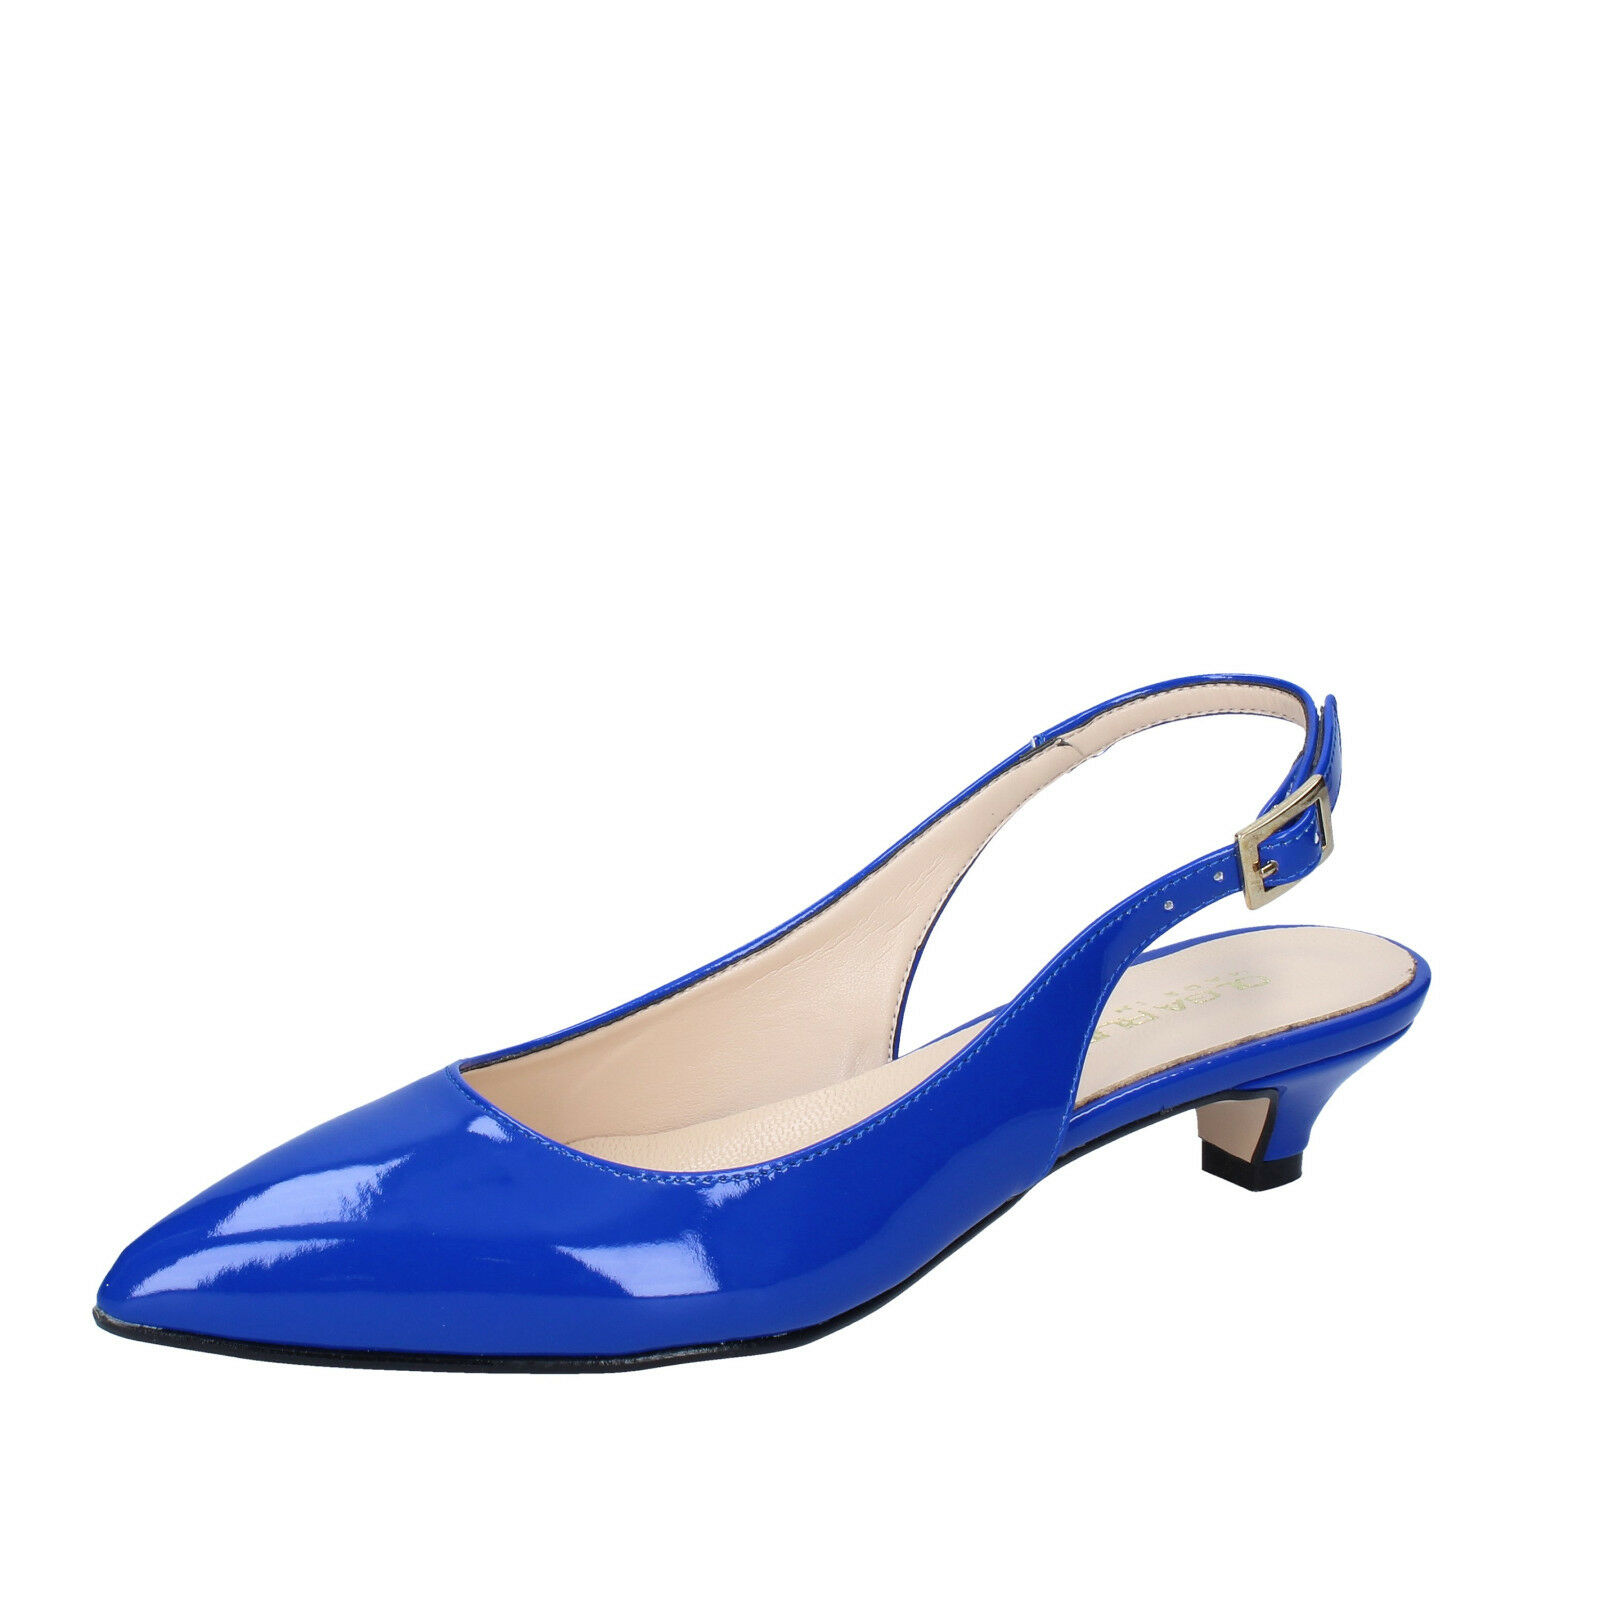 Damen schuhe OLGA RUBINI 38 EU pumps blau lack BY278-38